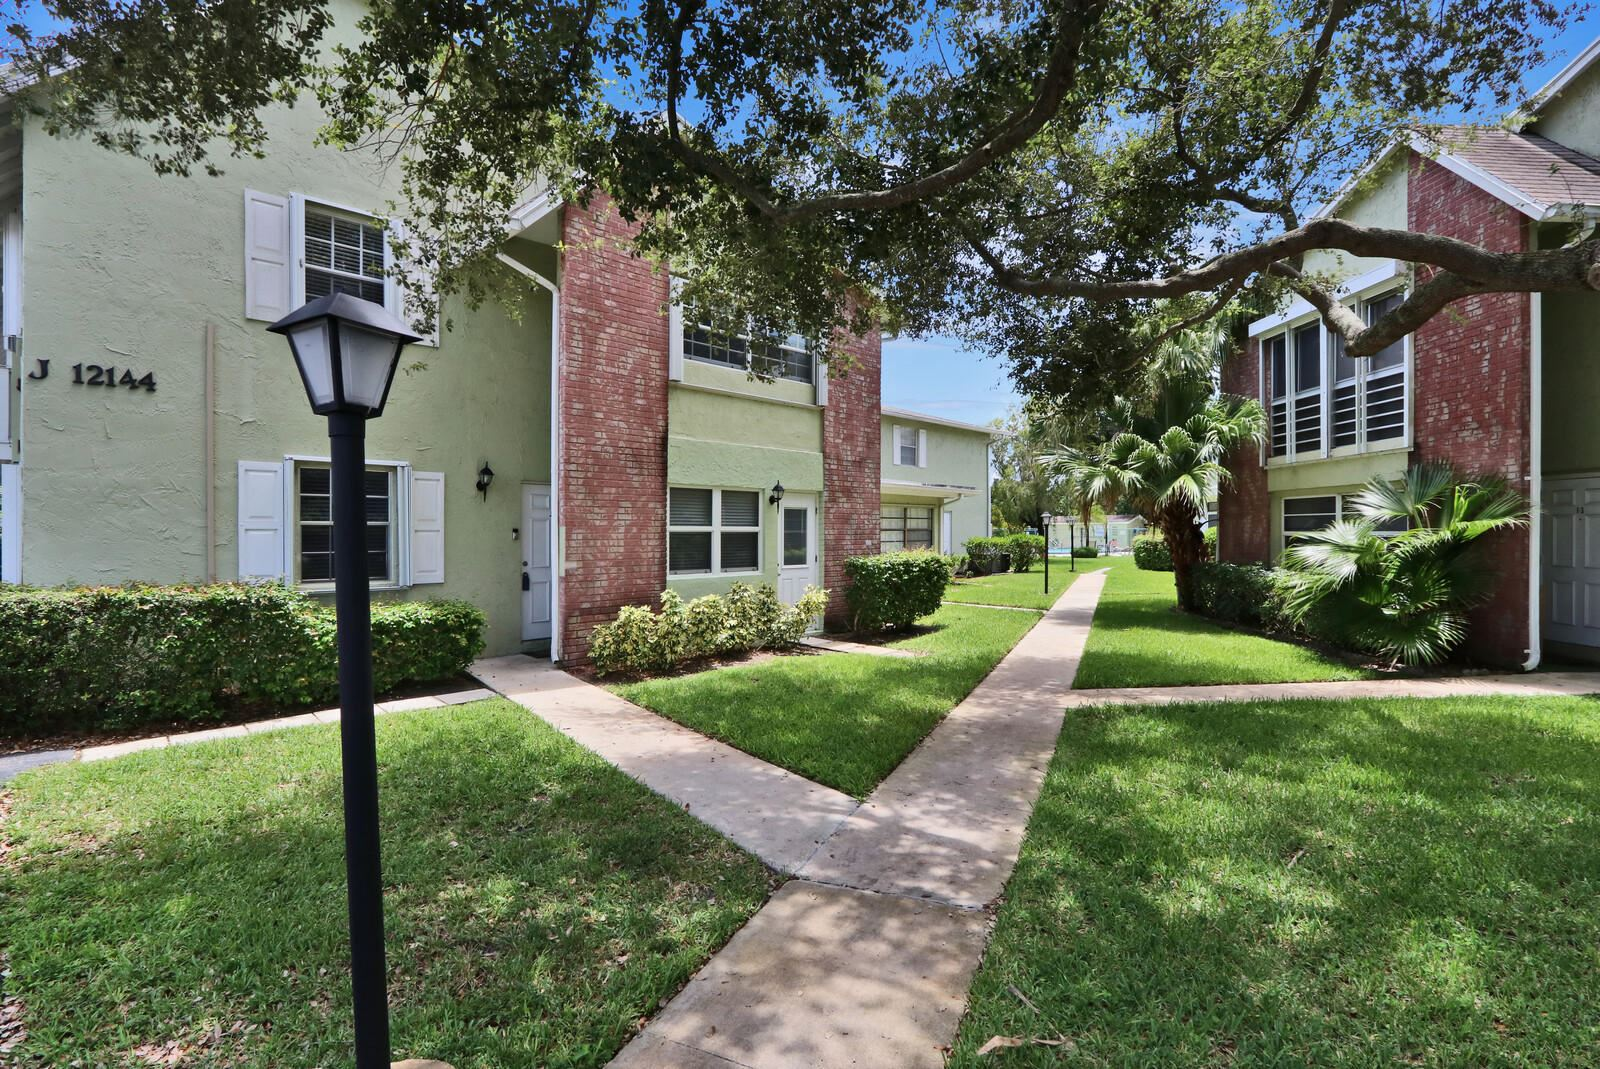 12144 Alternate A1a #J1, Palm Beach Gardens, FL 33410 - #: RX-10637840